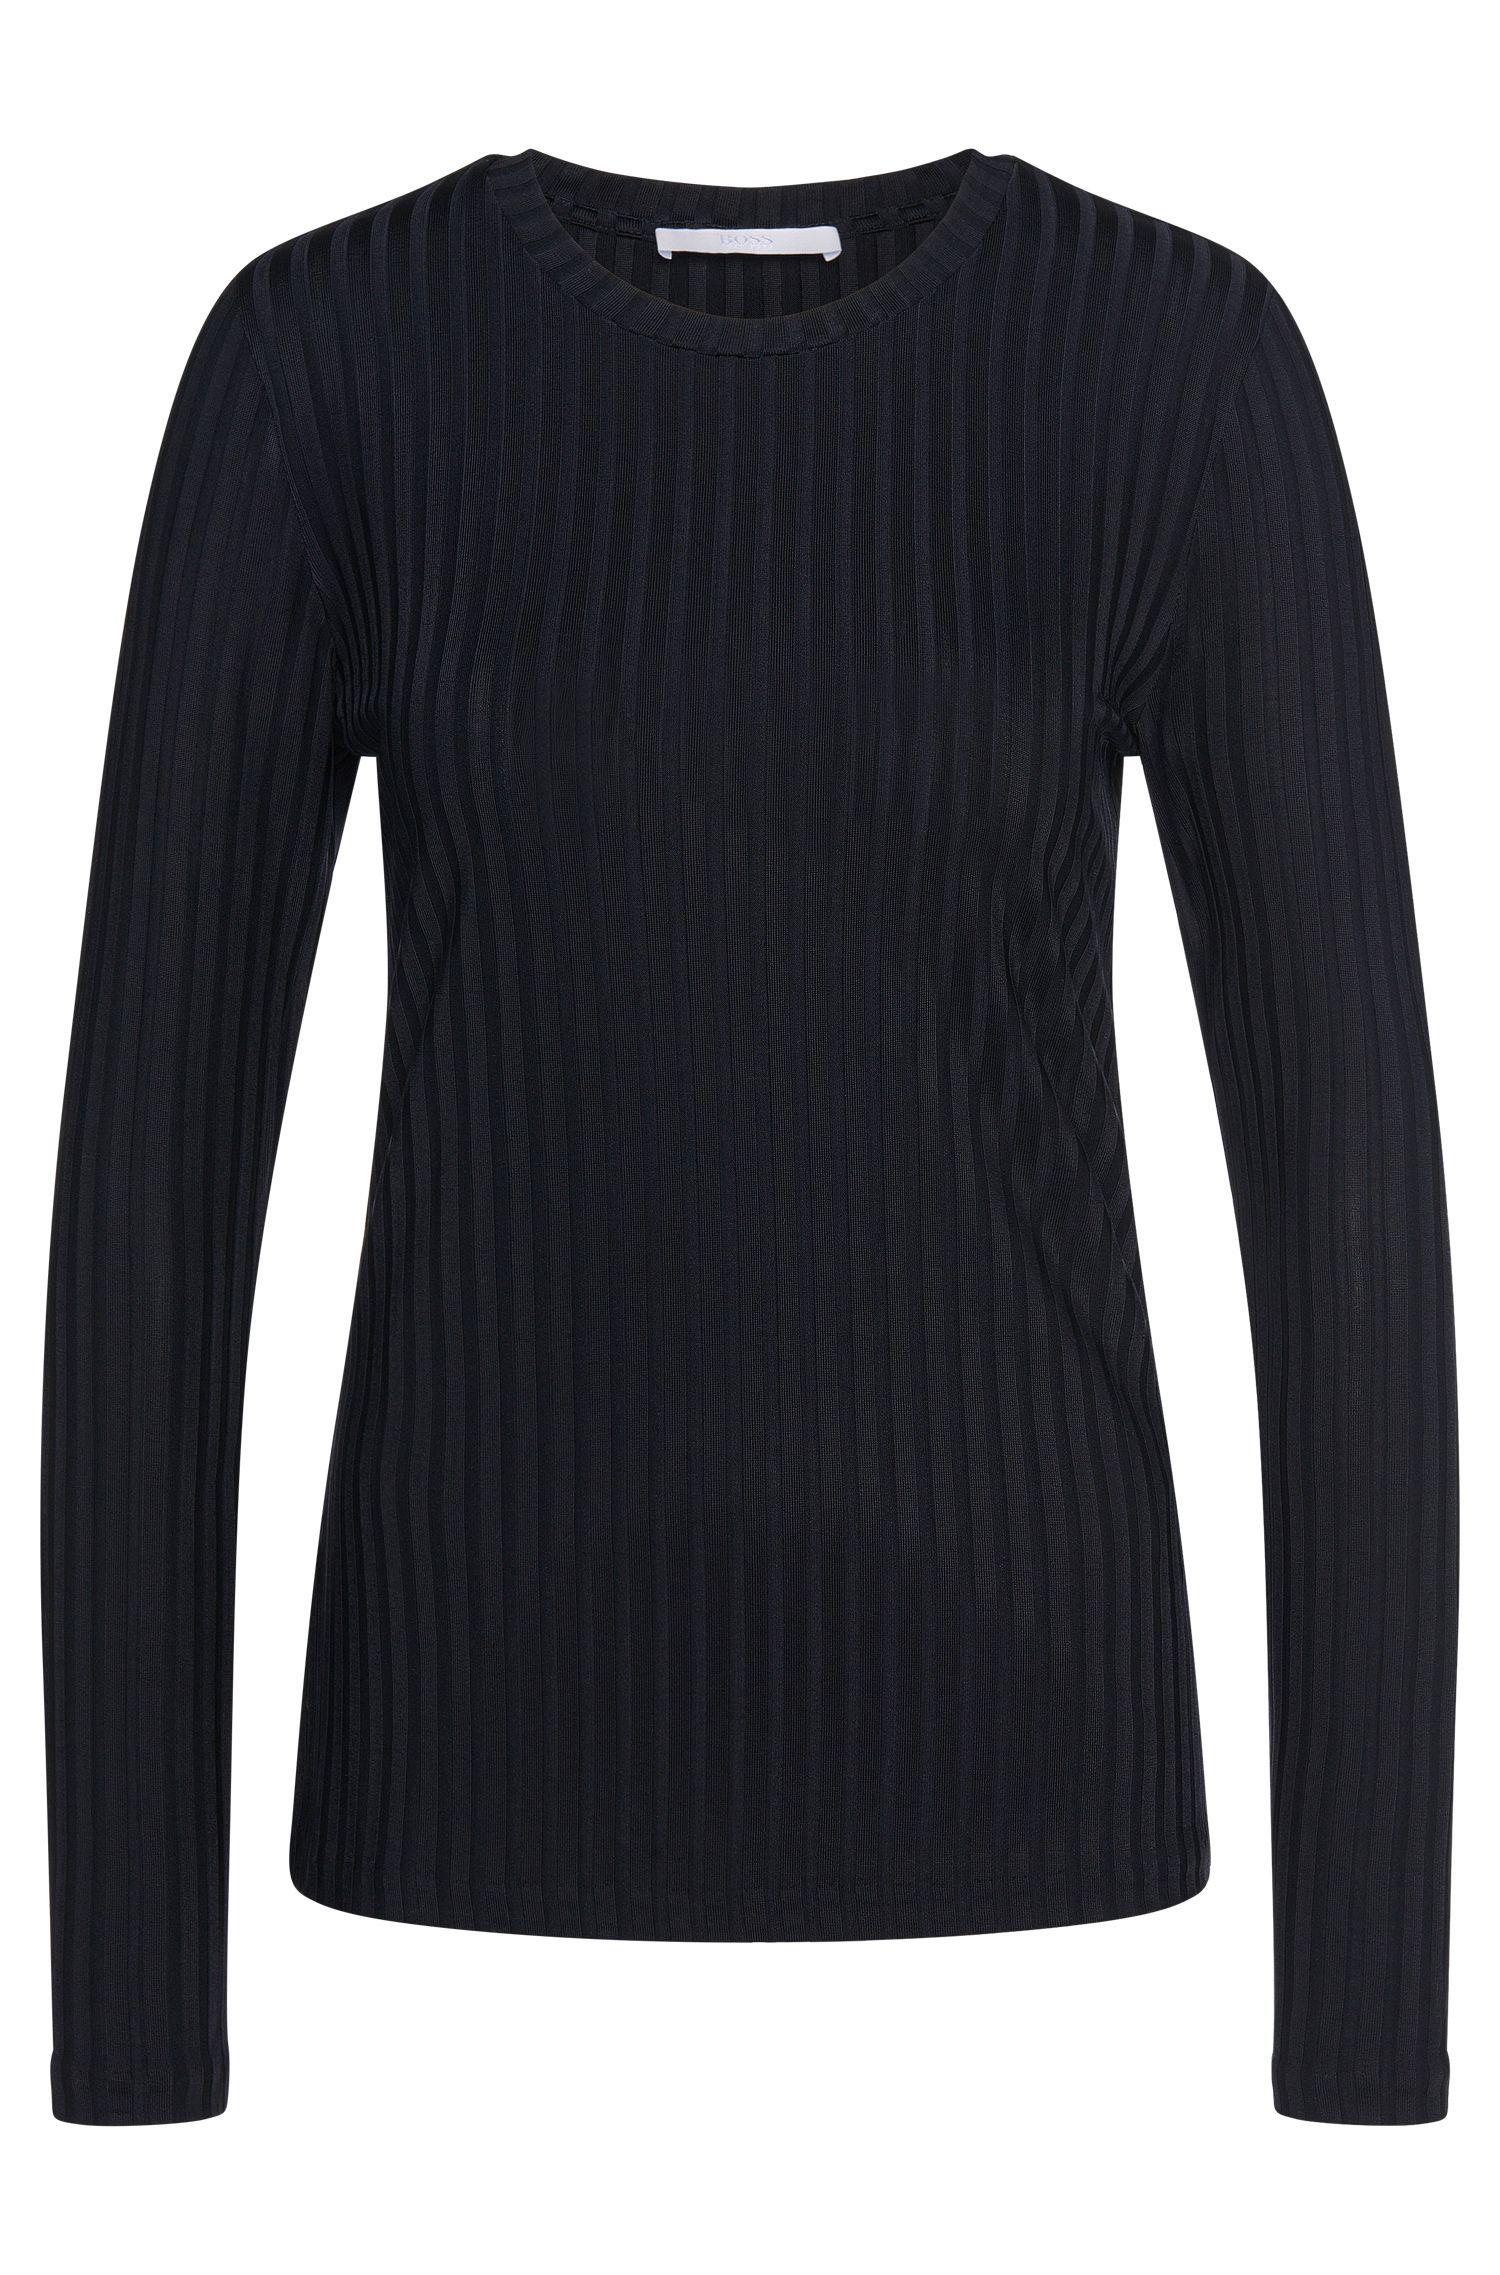 'Edira' | Stretch Viscose Ribbed Sweater